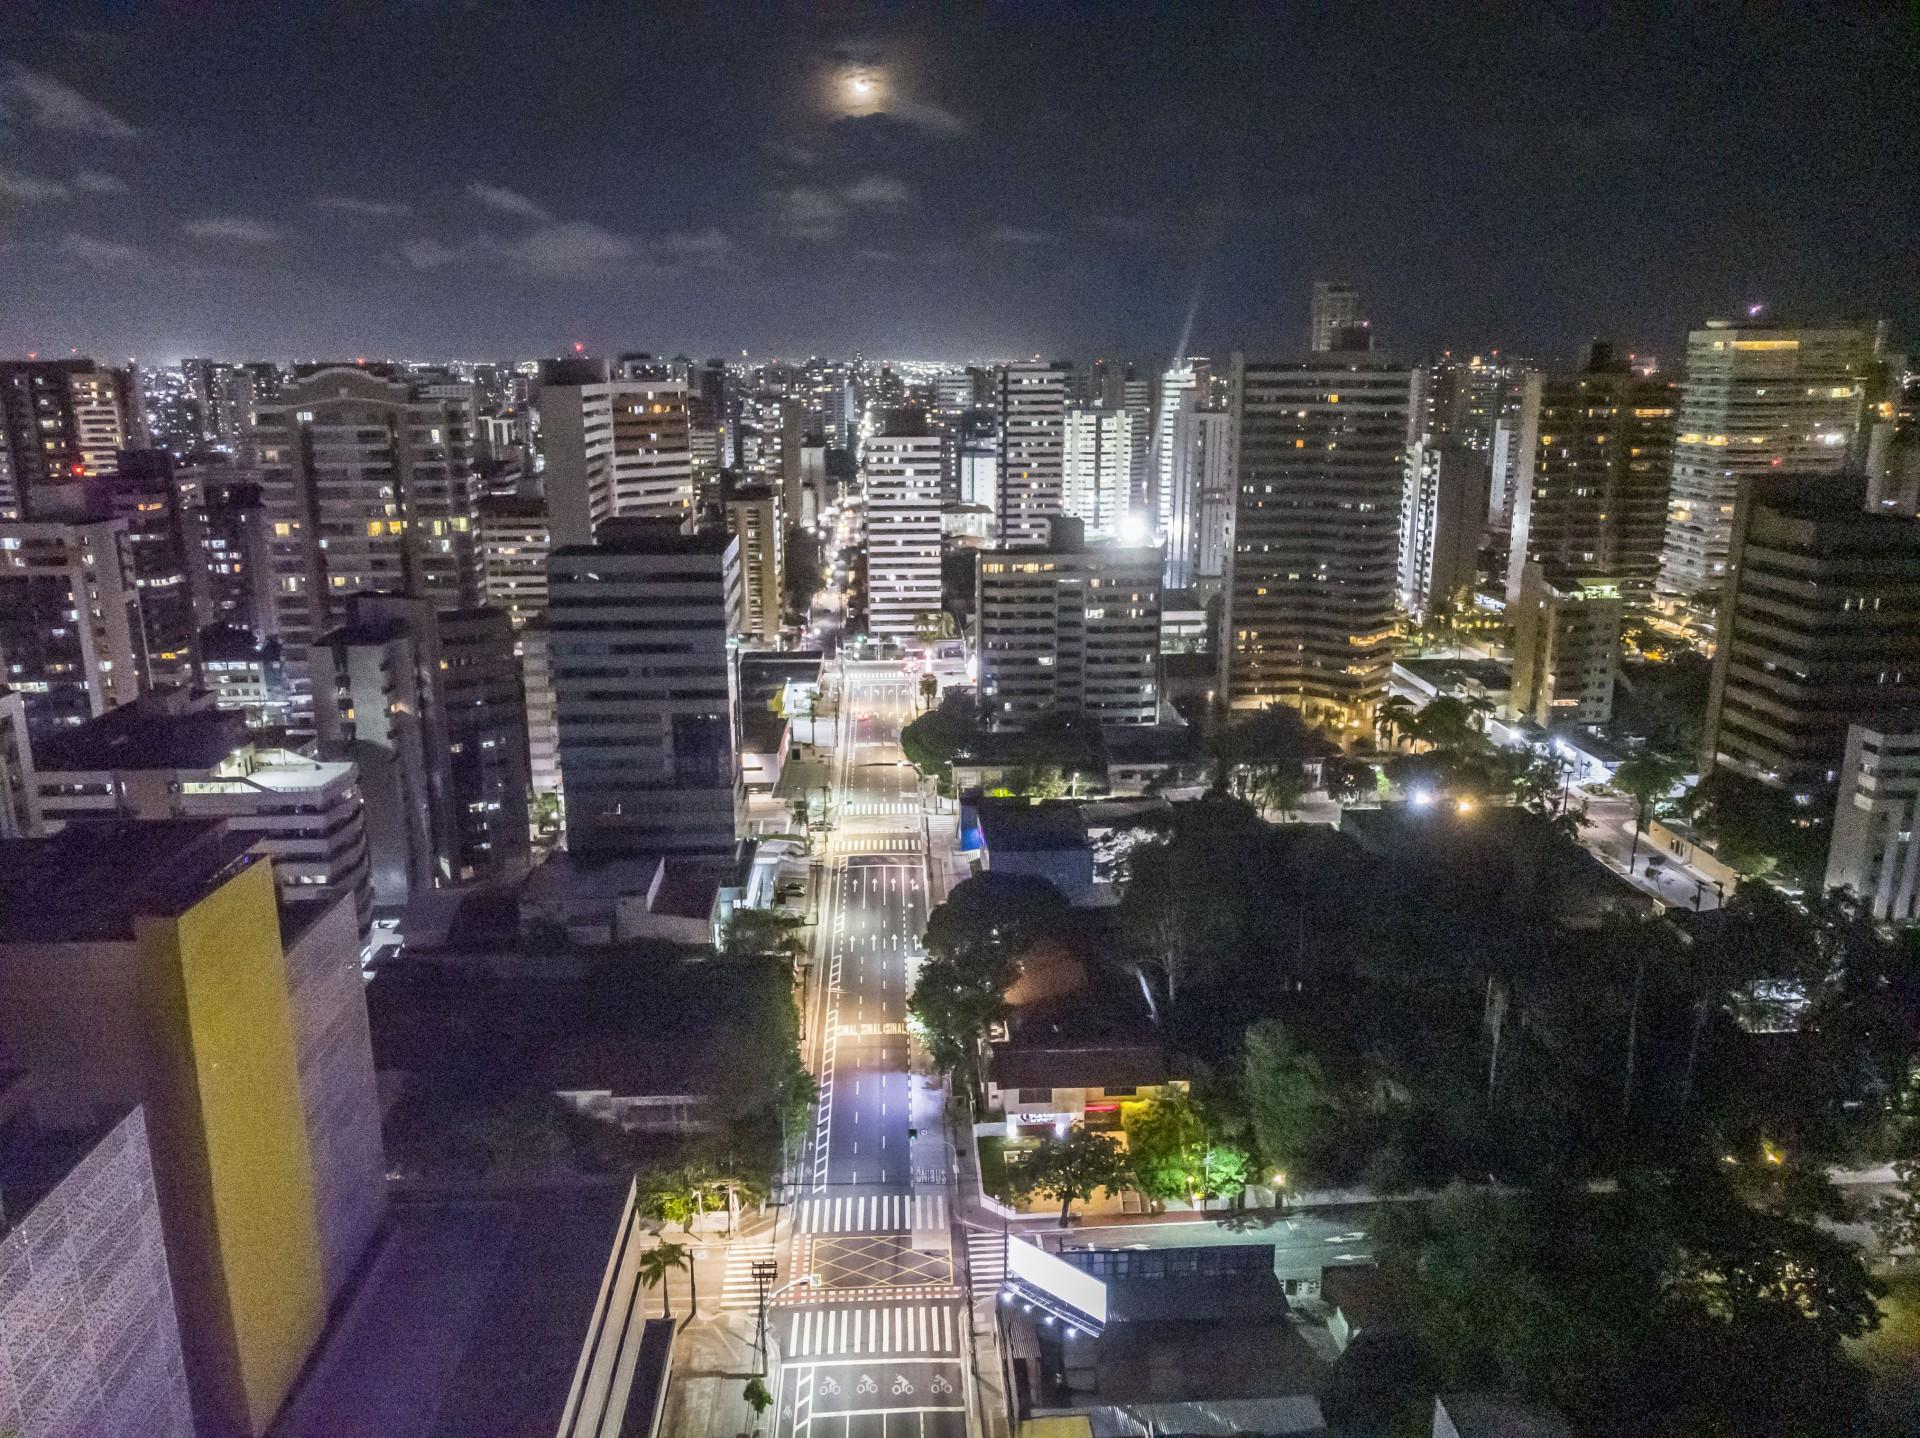 Fortaleza, Ce, Brasil 18.02.21 - Pora conter onda de transmissões por coronavirus, o governador Camilo Santana decretou toque de recolher em Fortaleza à partir da 22h (Foto: Fco Fontenele/O POVO)